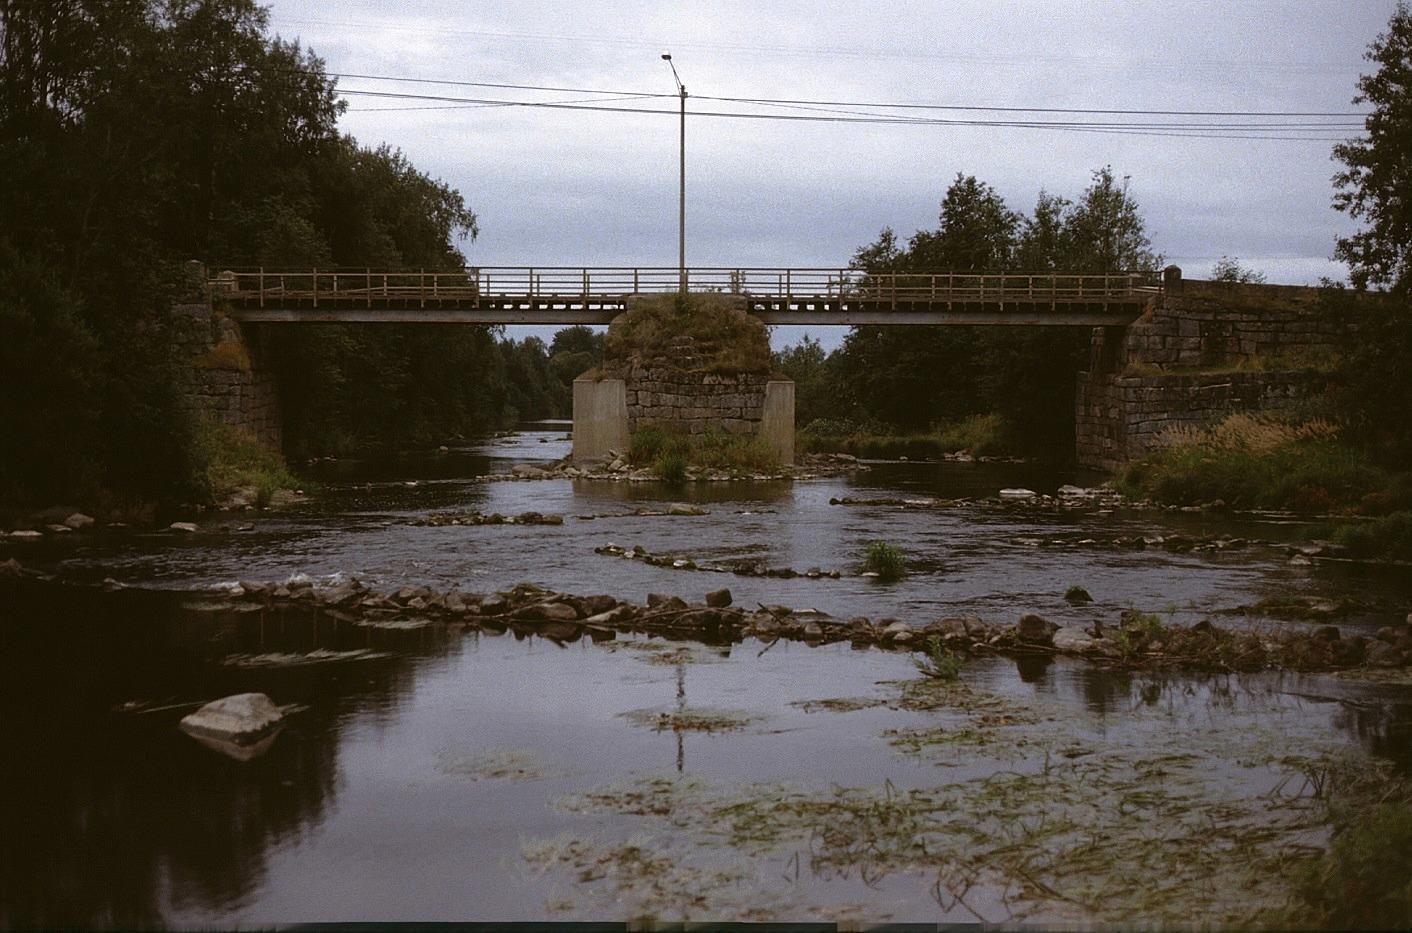 Så här såg Storbron ut år 1983 från nordost före den revs. Här ser vi hur isklyvaren hade förstärkts med betong några år innan.